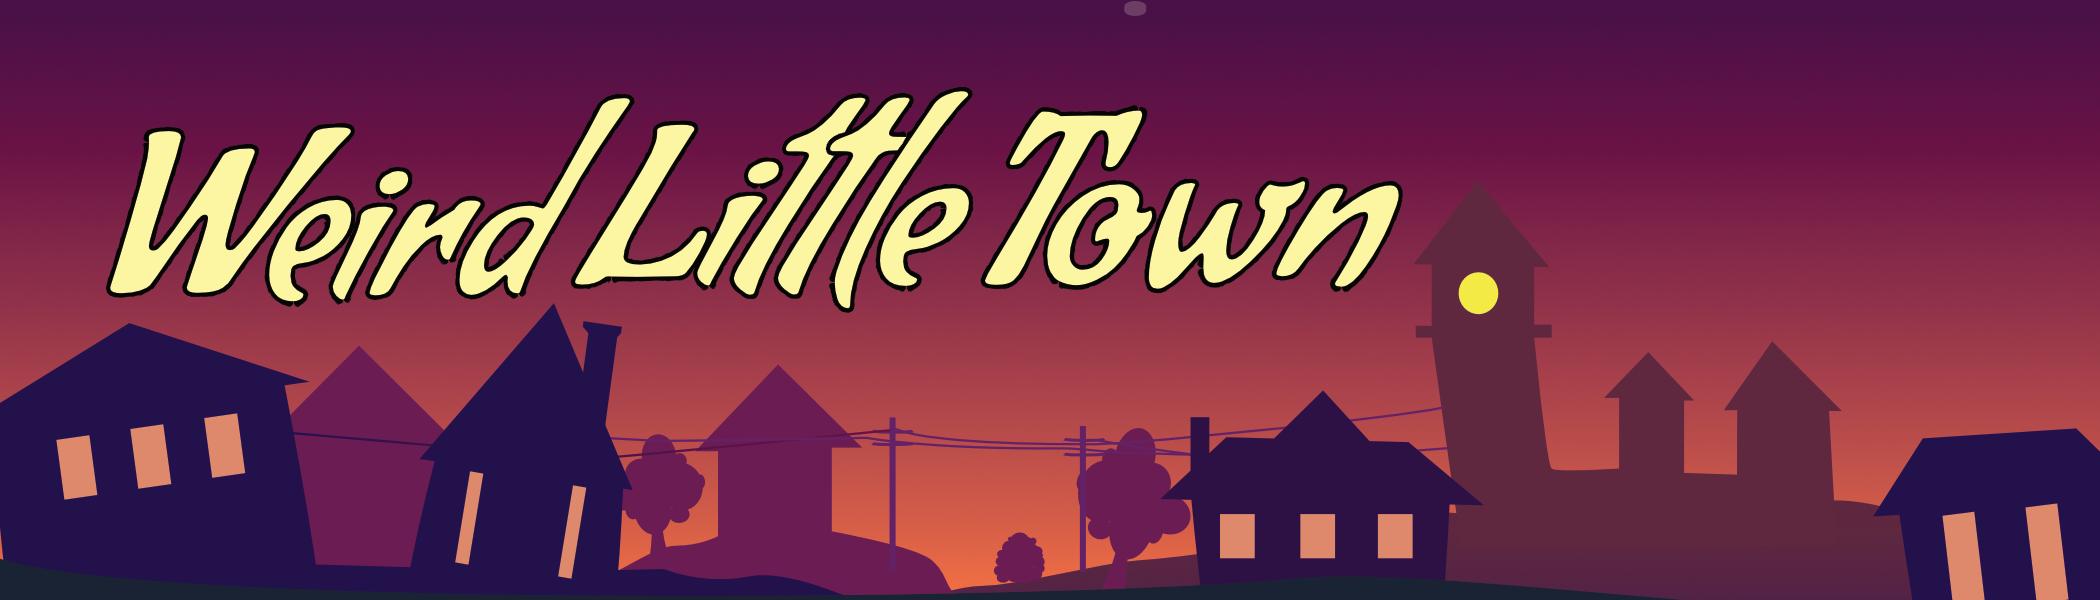 Weird Little Town